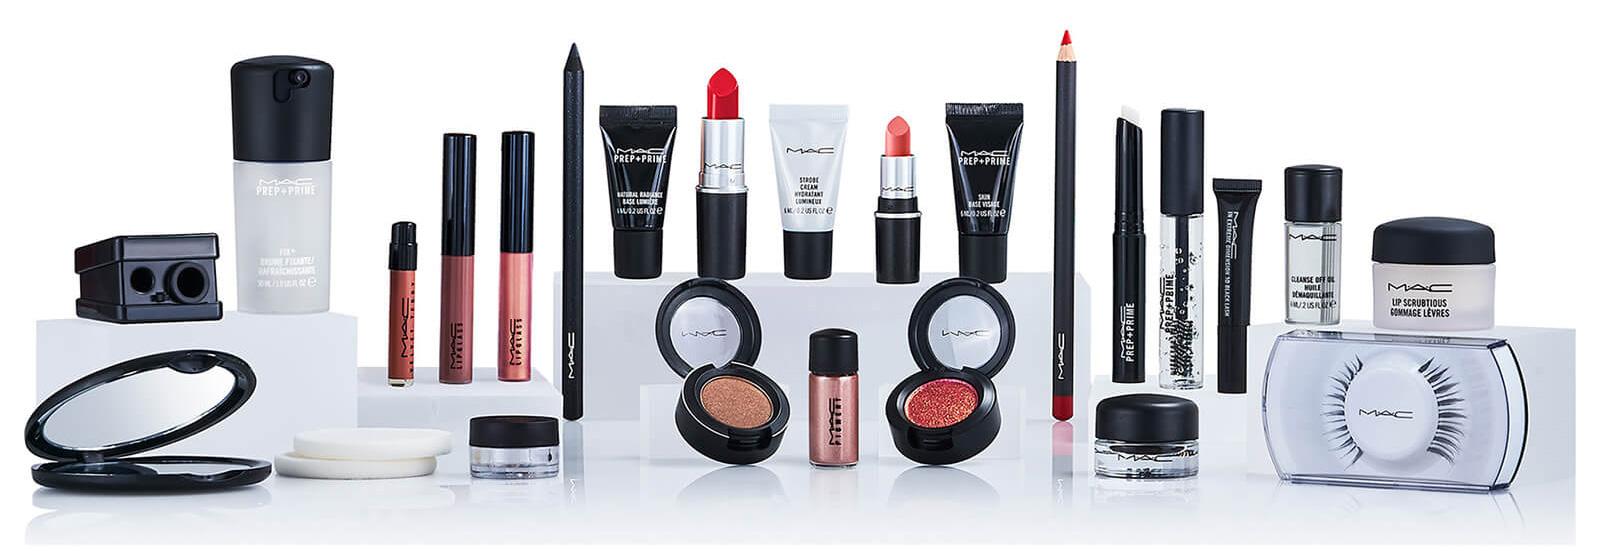 calendrier-avent-mac-cosmetics-contenu